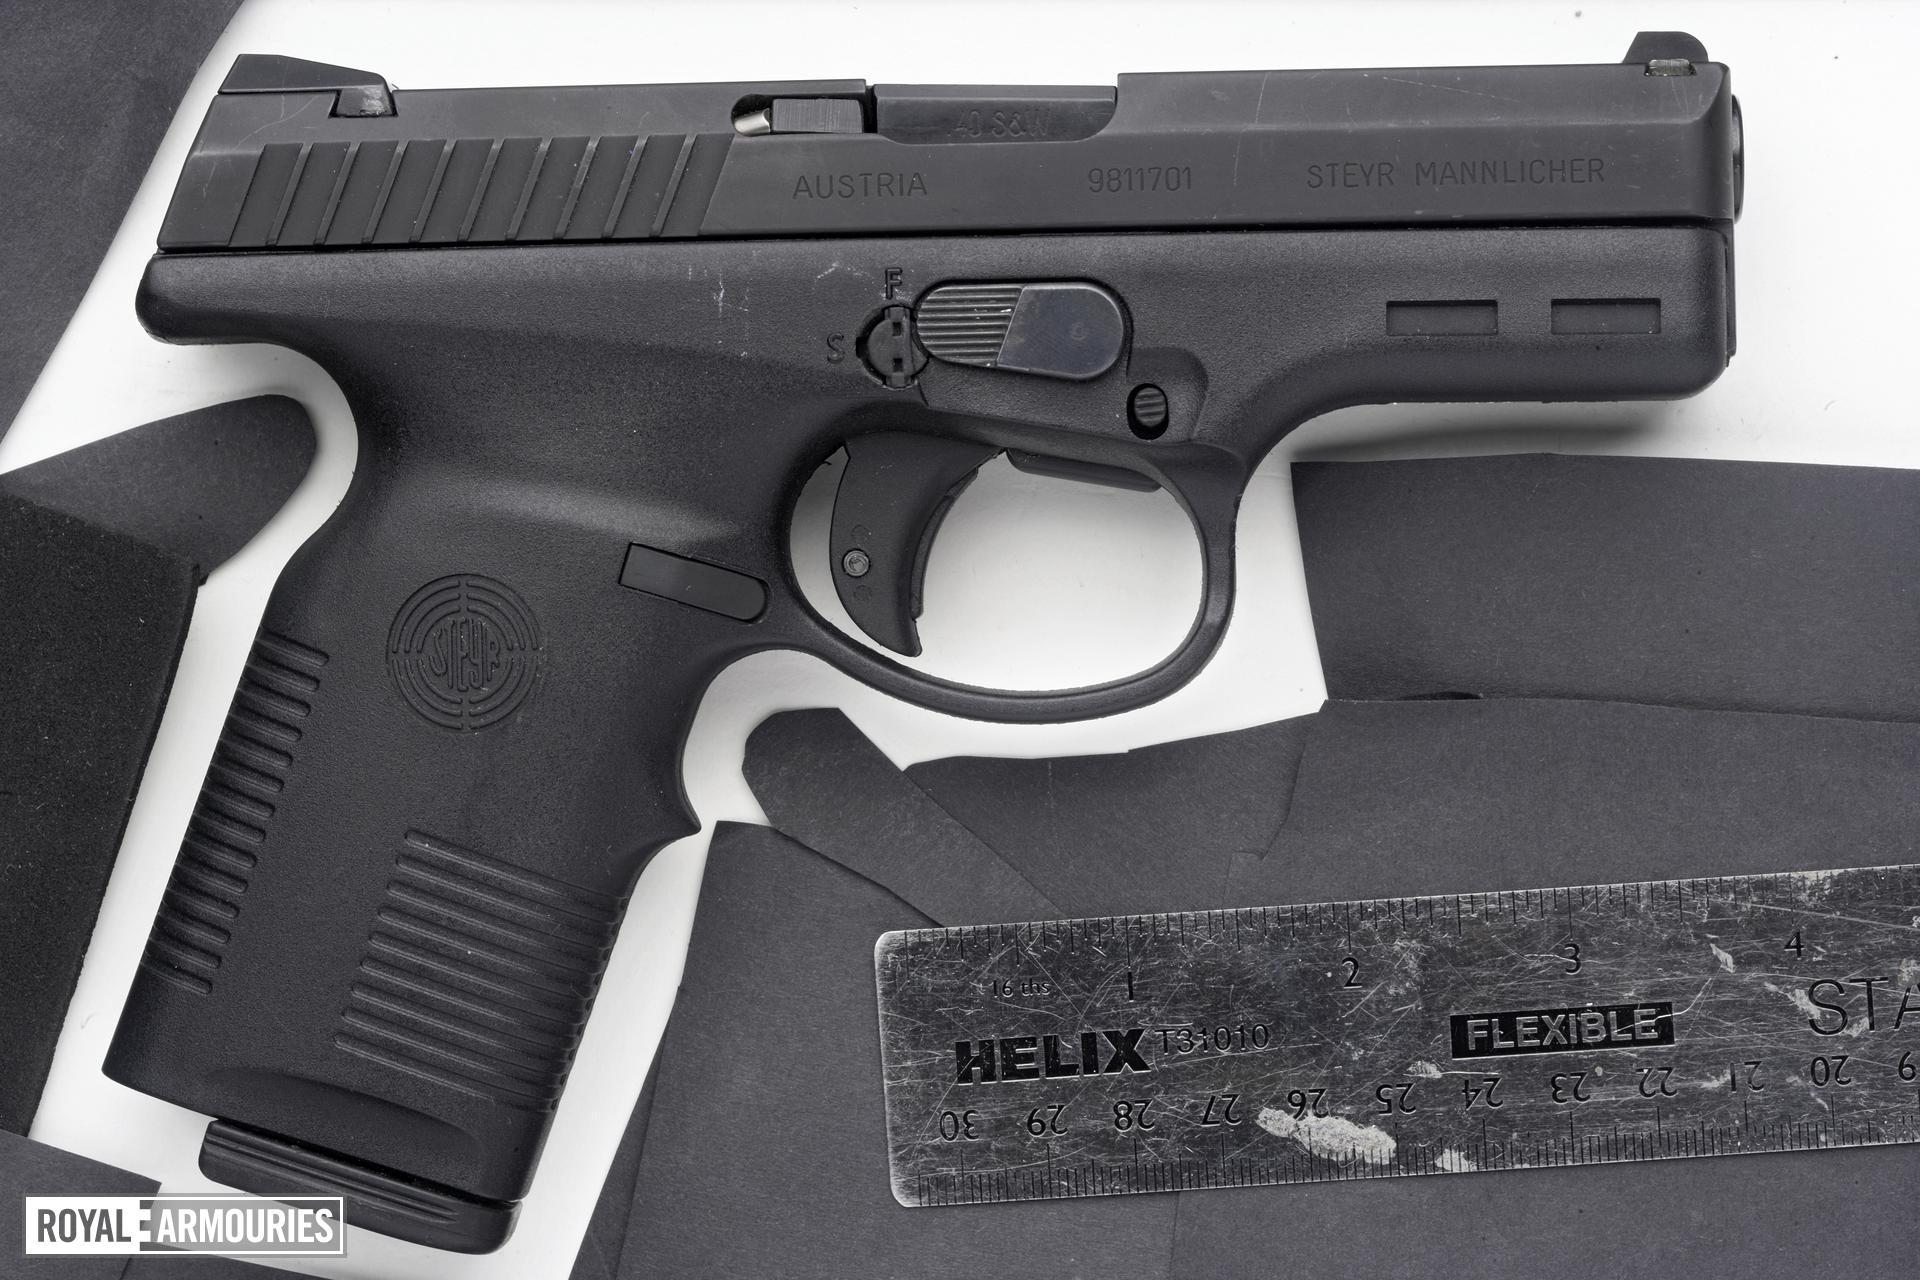 Centrefire self-loading pistol - Steyr M40